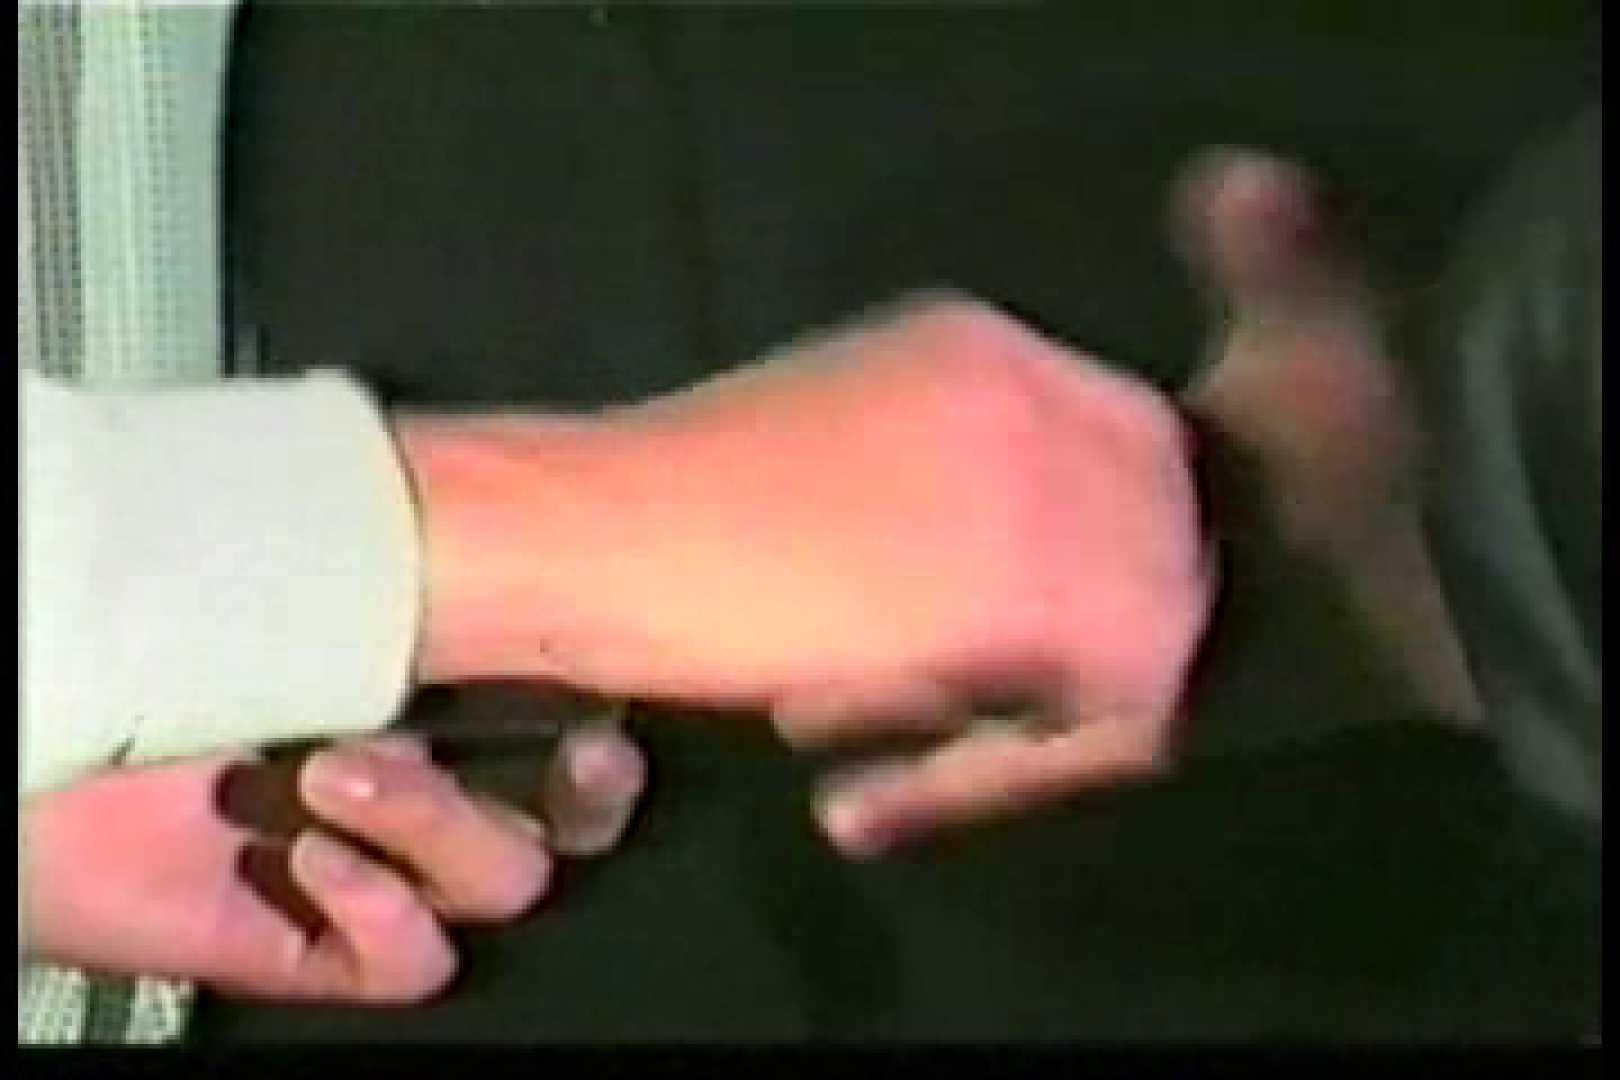 【流出投稿】若きあの頃の思ひでSEX! キス特集 ゲイアダルトビデオ画像 109枚 1